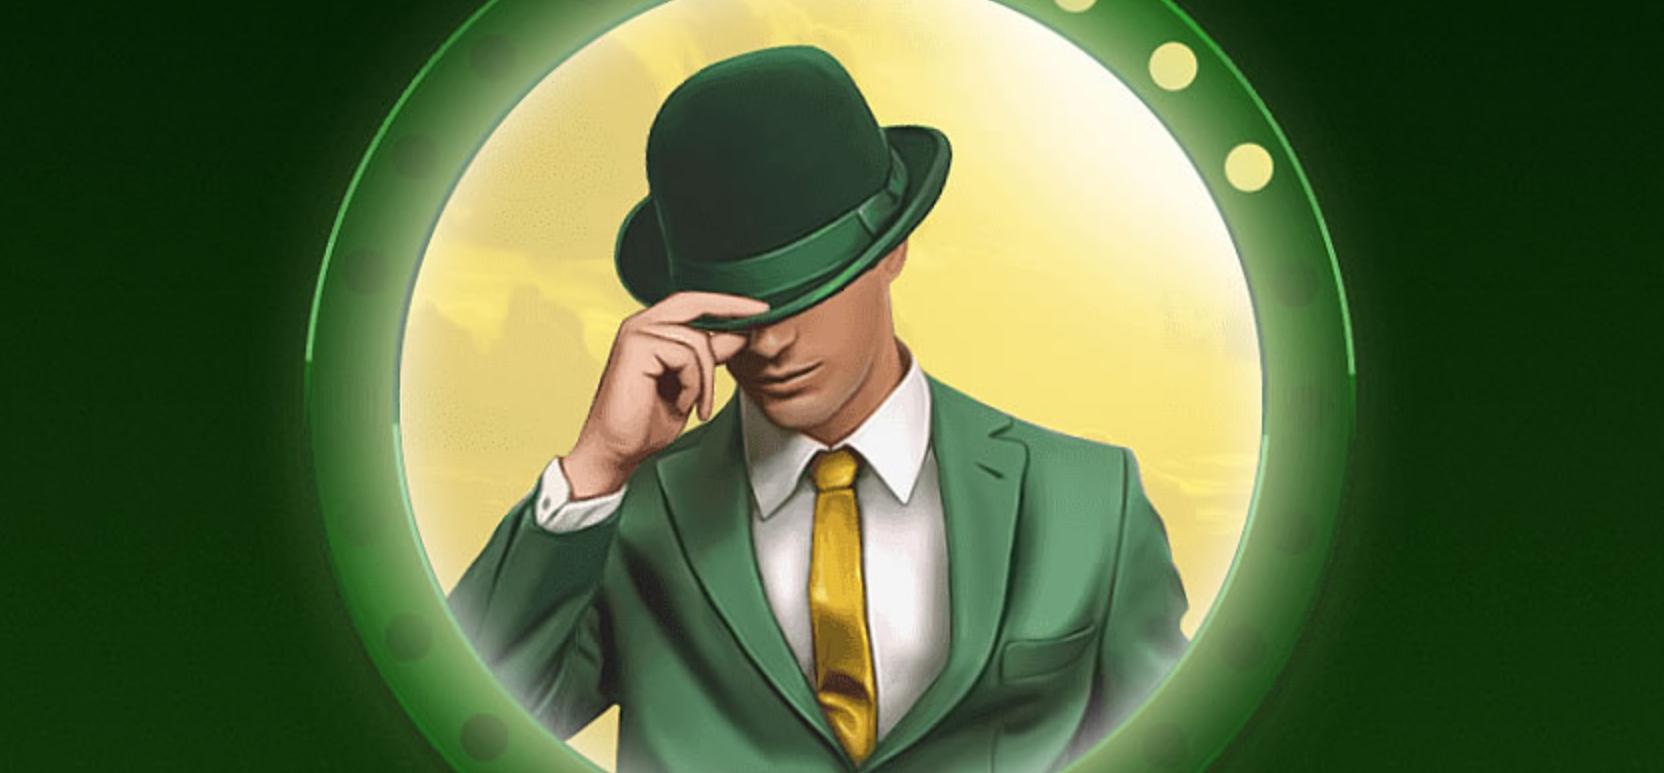 Prøv Mr Green live casino og få en autentisk casinooplevelse